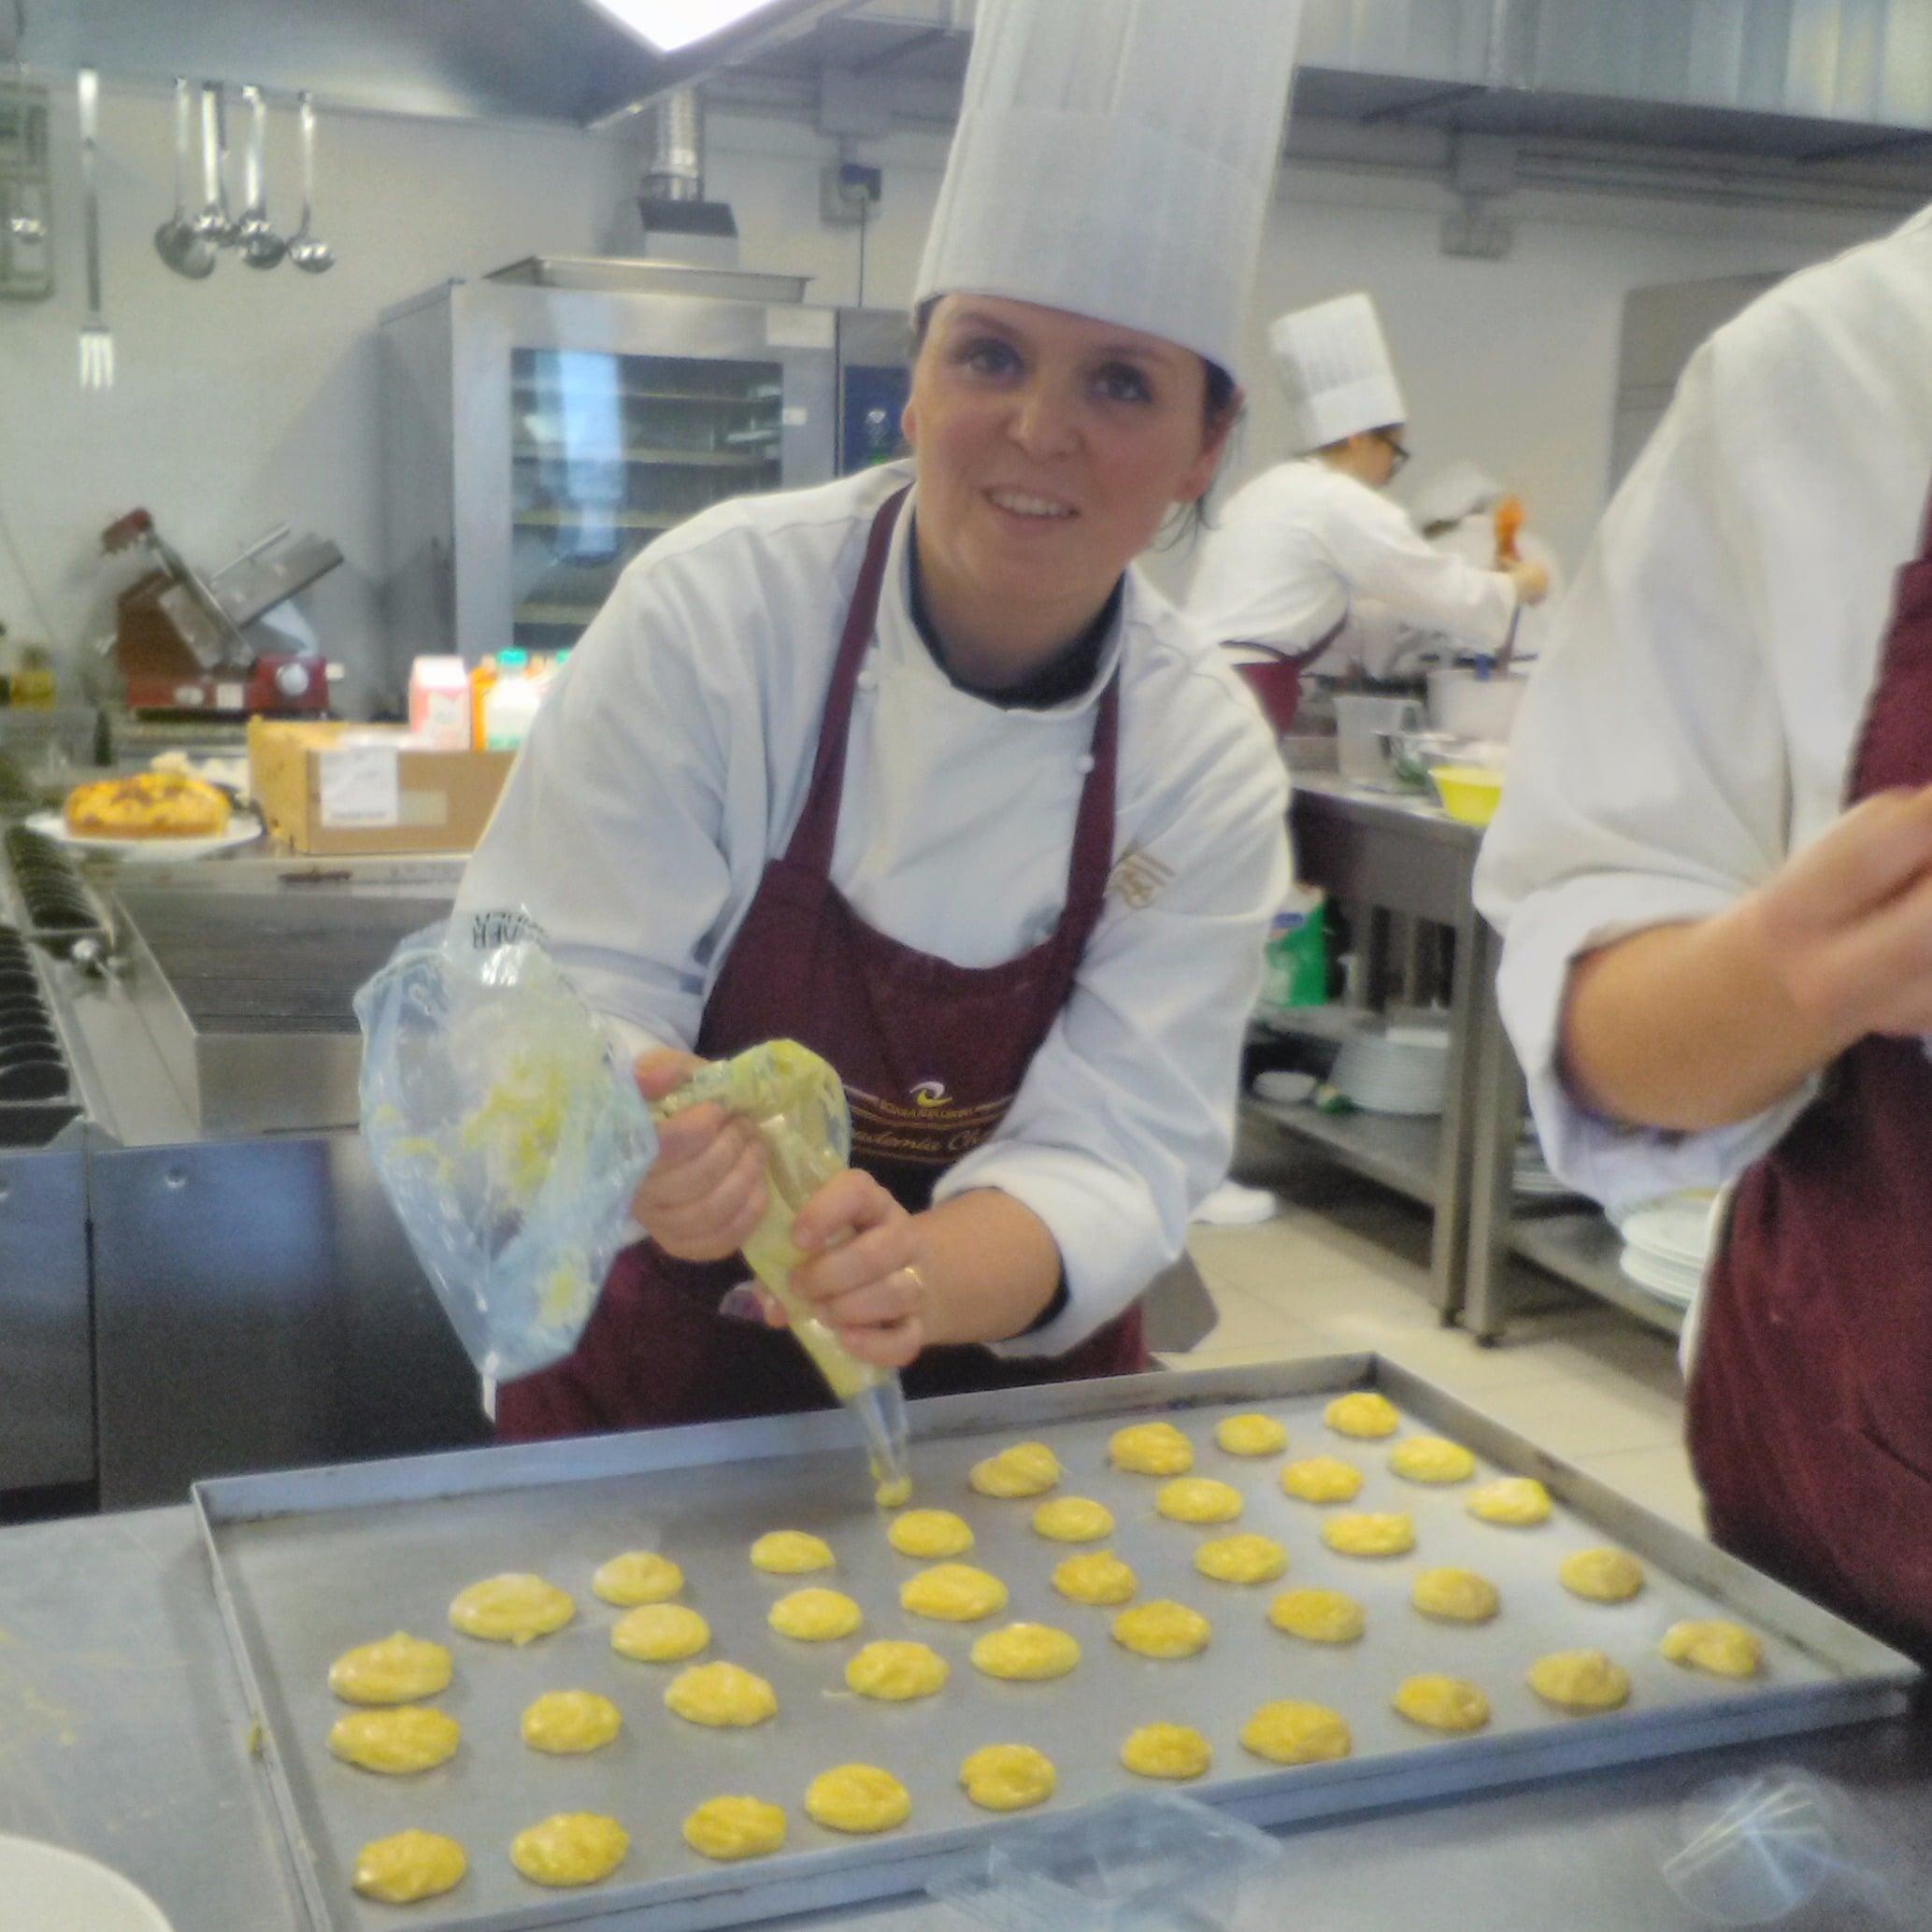 I Migliori 20 Corsi Di Cucina A Civitanova Marche Con Preventivi Gratuiti